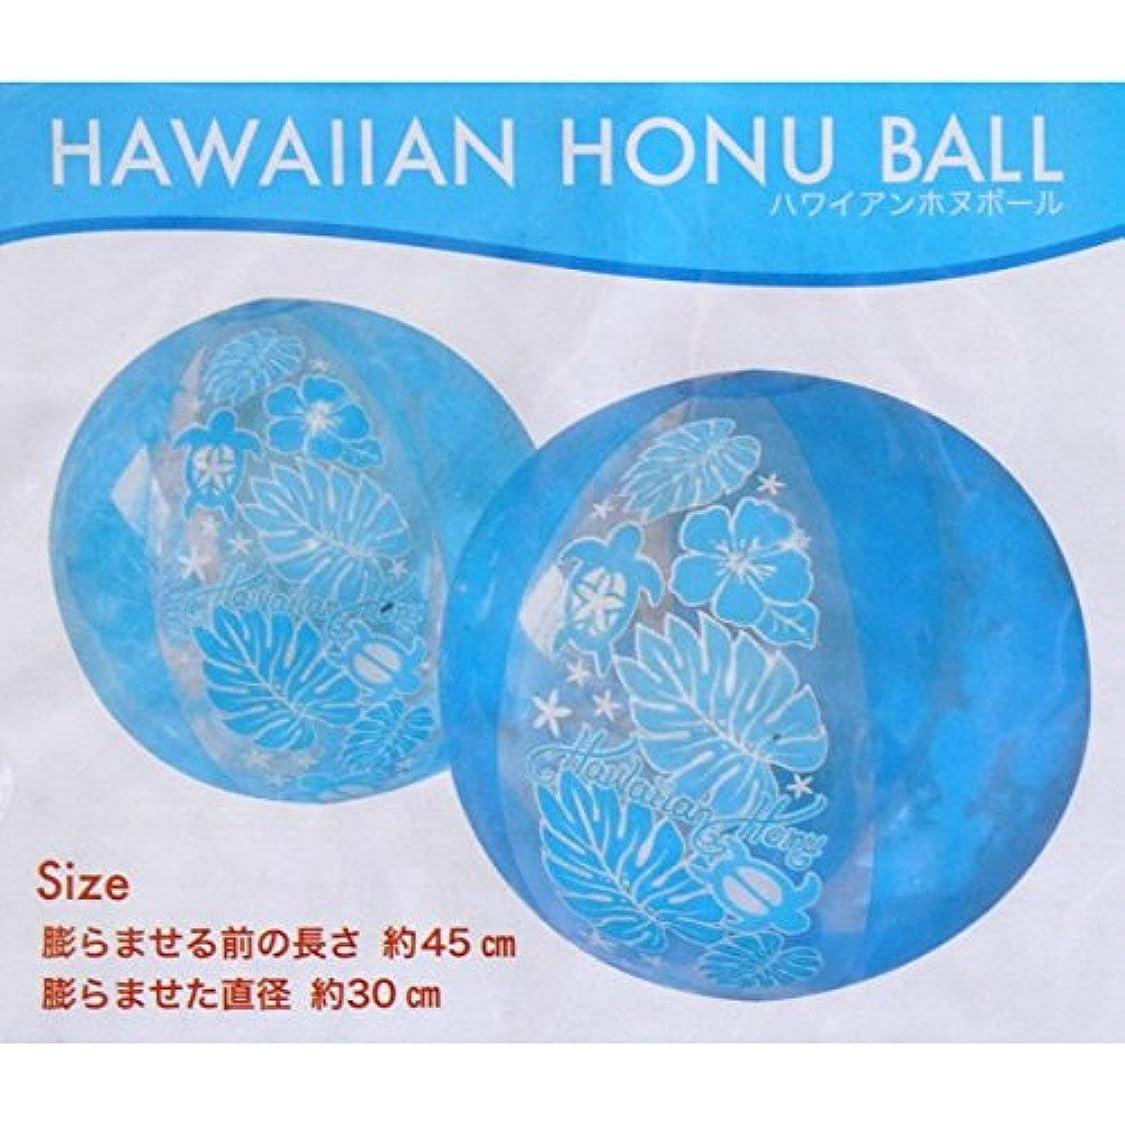 簡略化するにやにやヘルシービーチボール ハワイアンホヌ(海がめ)柄 30cm